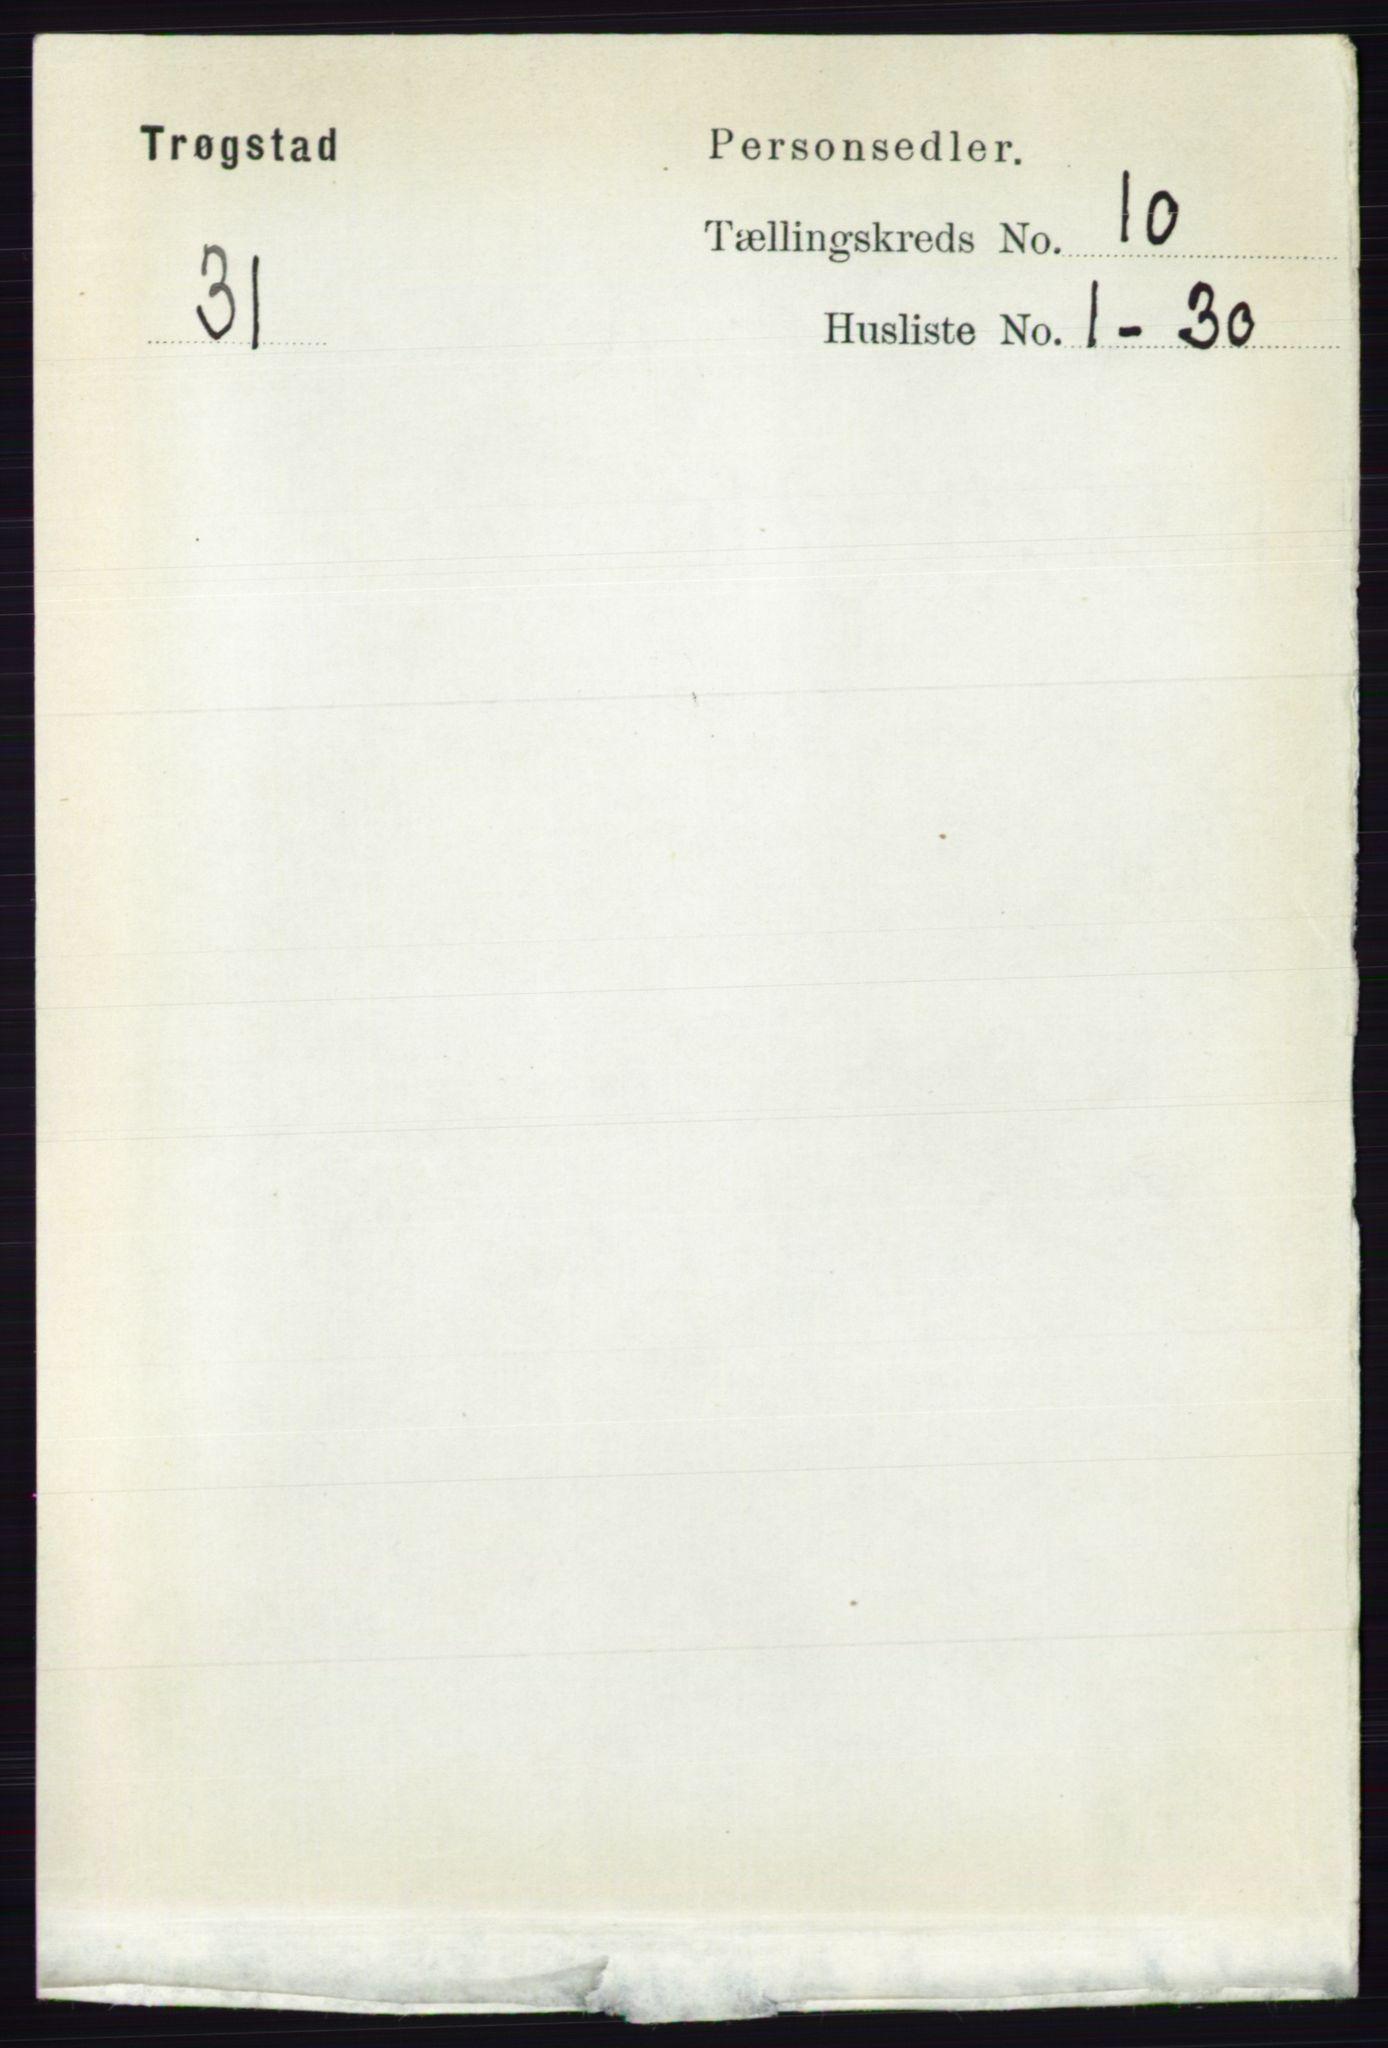 RA, Folketelling 1891 for 0122 Trøgstad herred, 1891, s. 4297